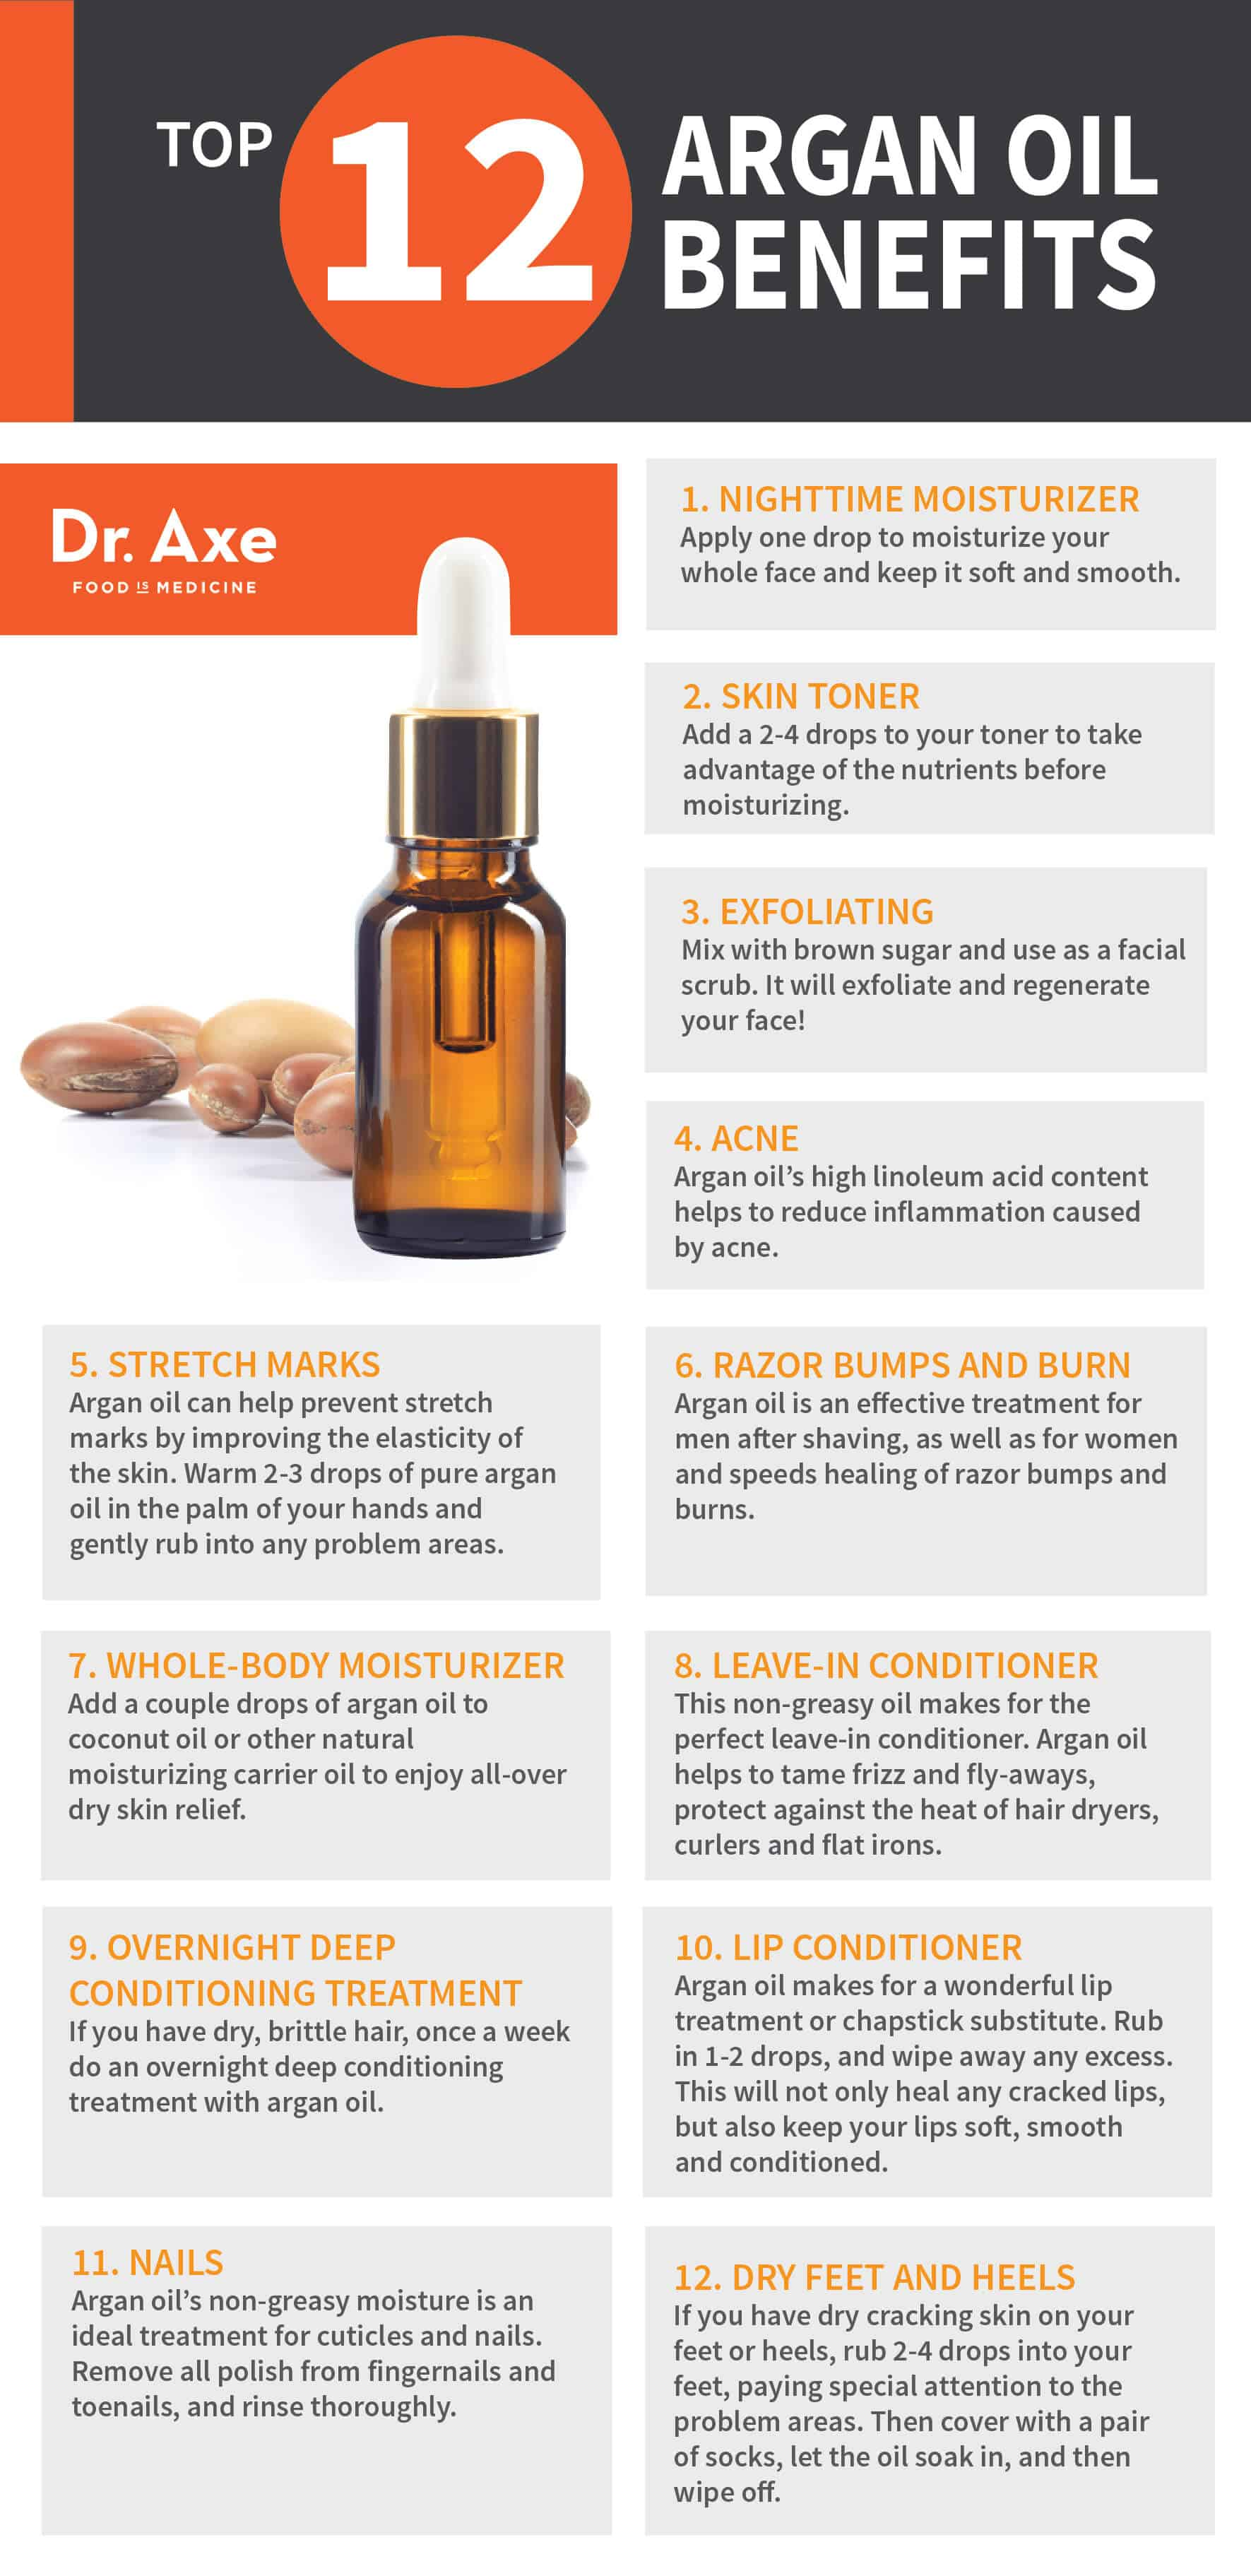 Top 12 Argan Oil Benefits For Skin Amp Hair